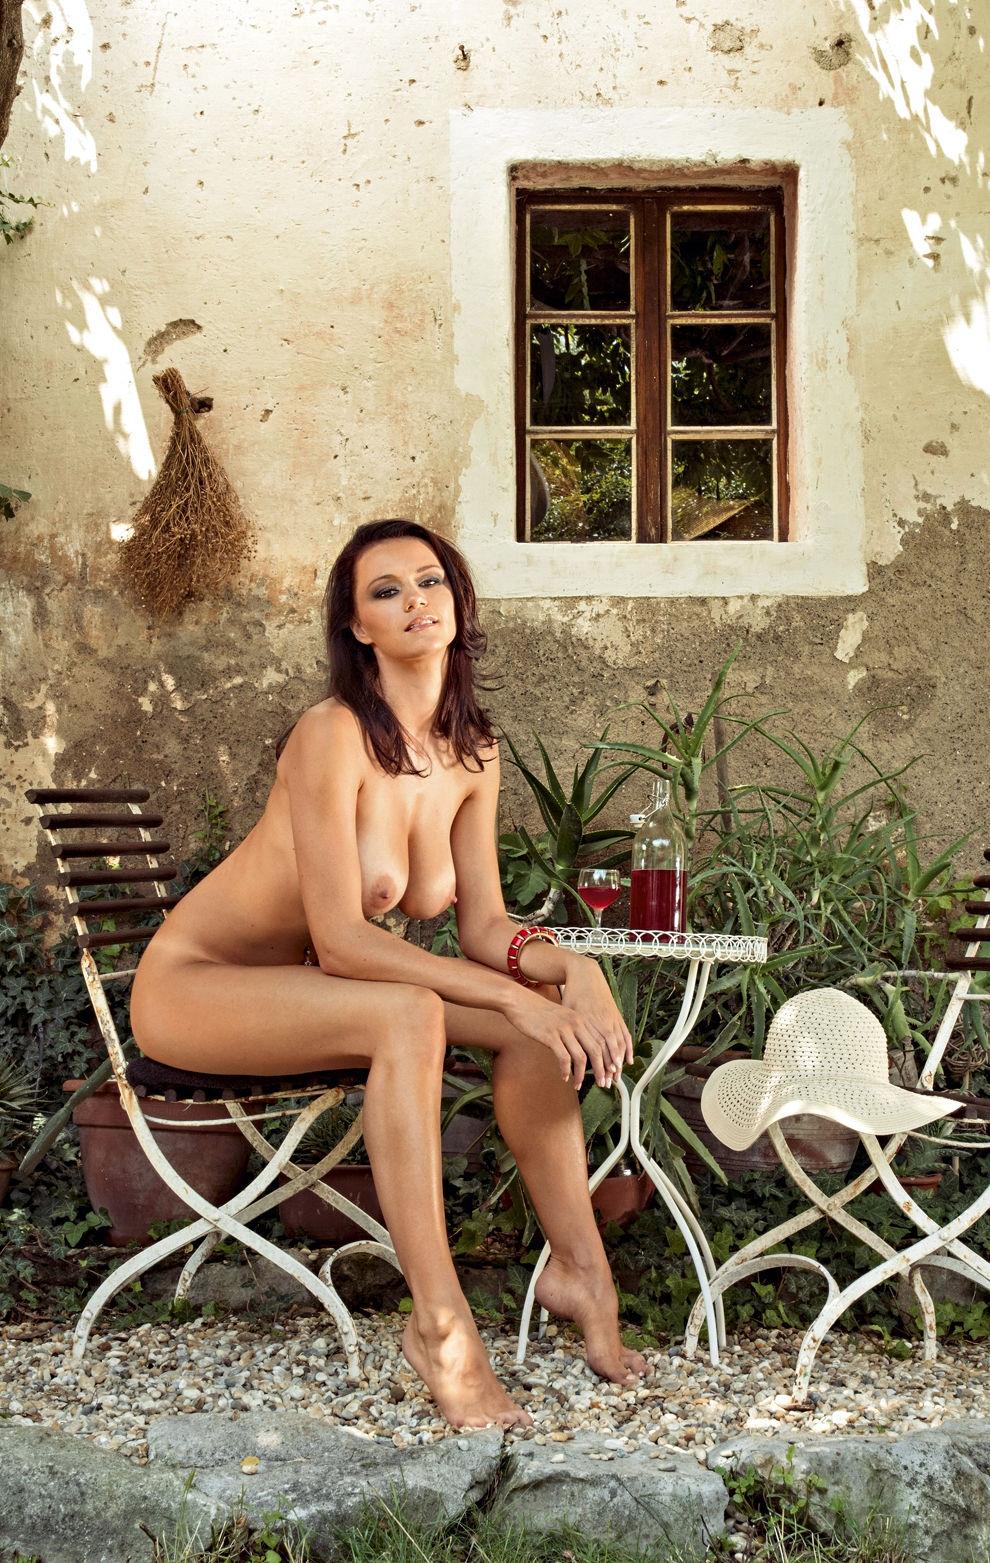 shaved-busty-brunette-manja-dobrilovic-4.jpg